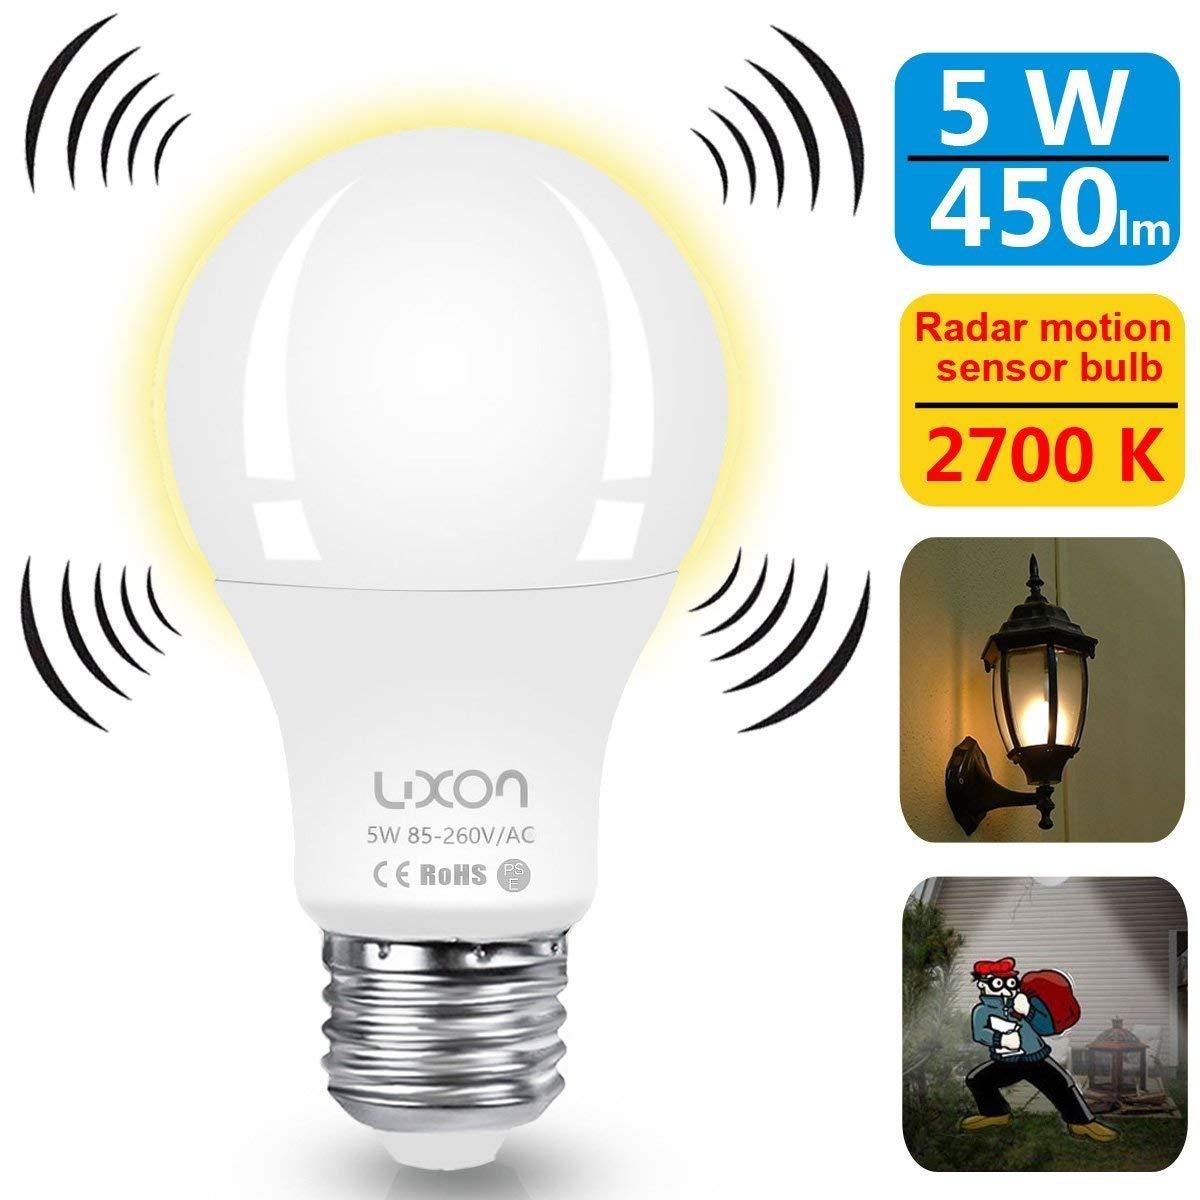 Motion Sensor Light Bulb 5W Radar Motion Detector Light $6.79